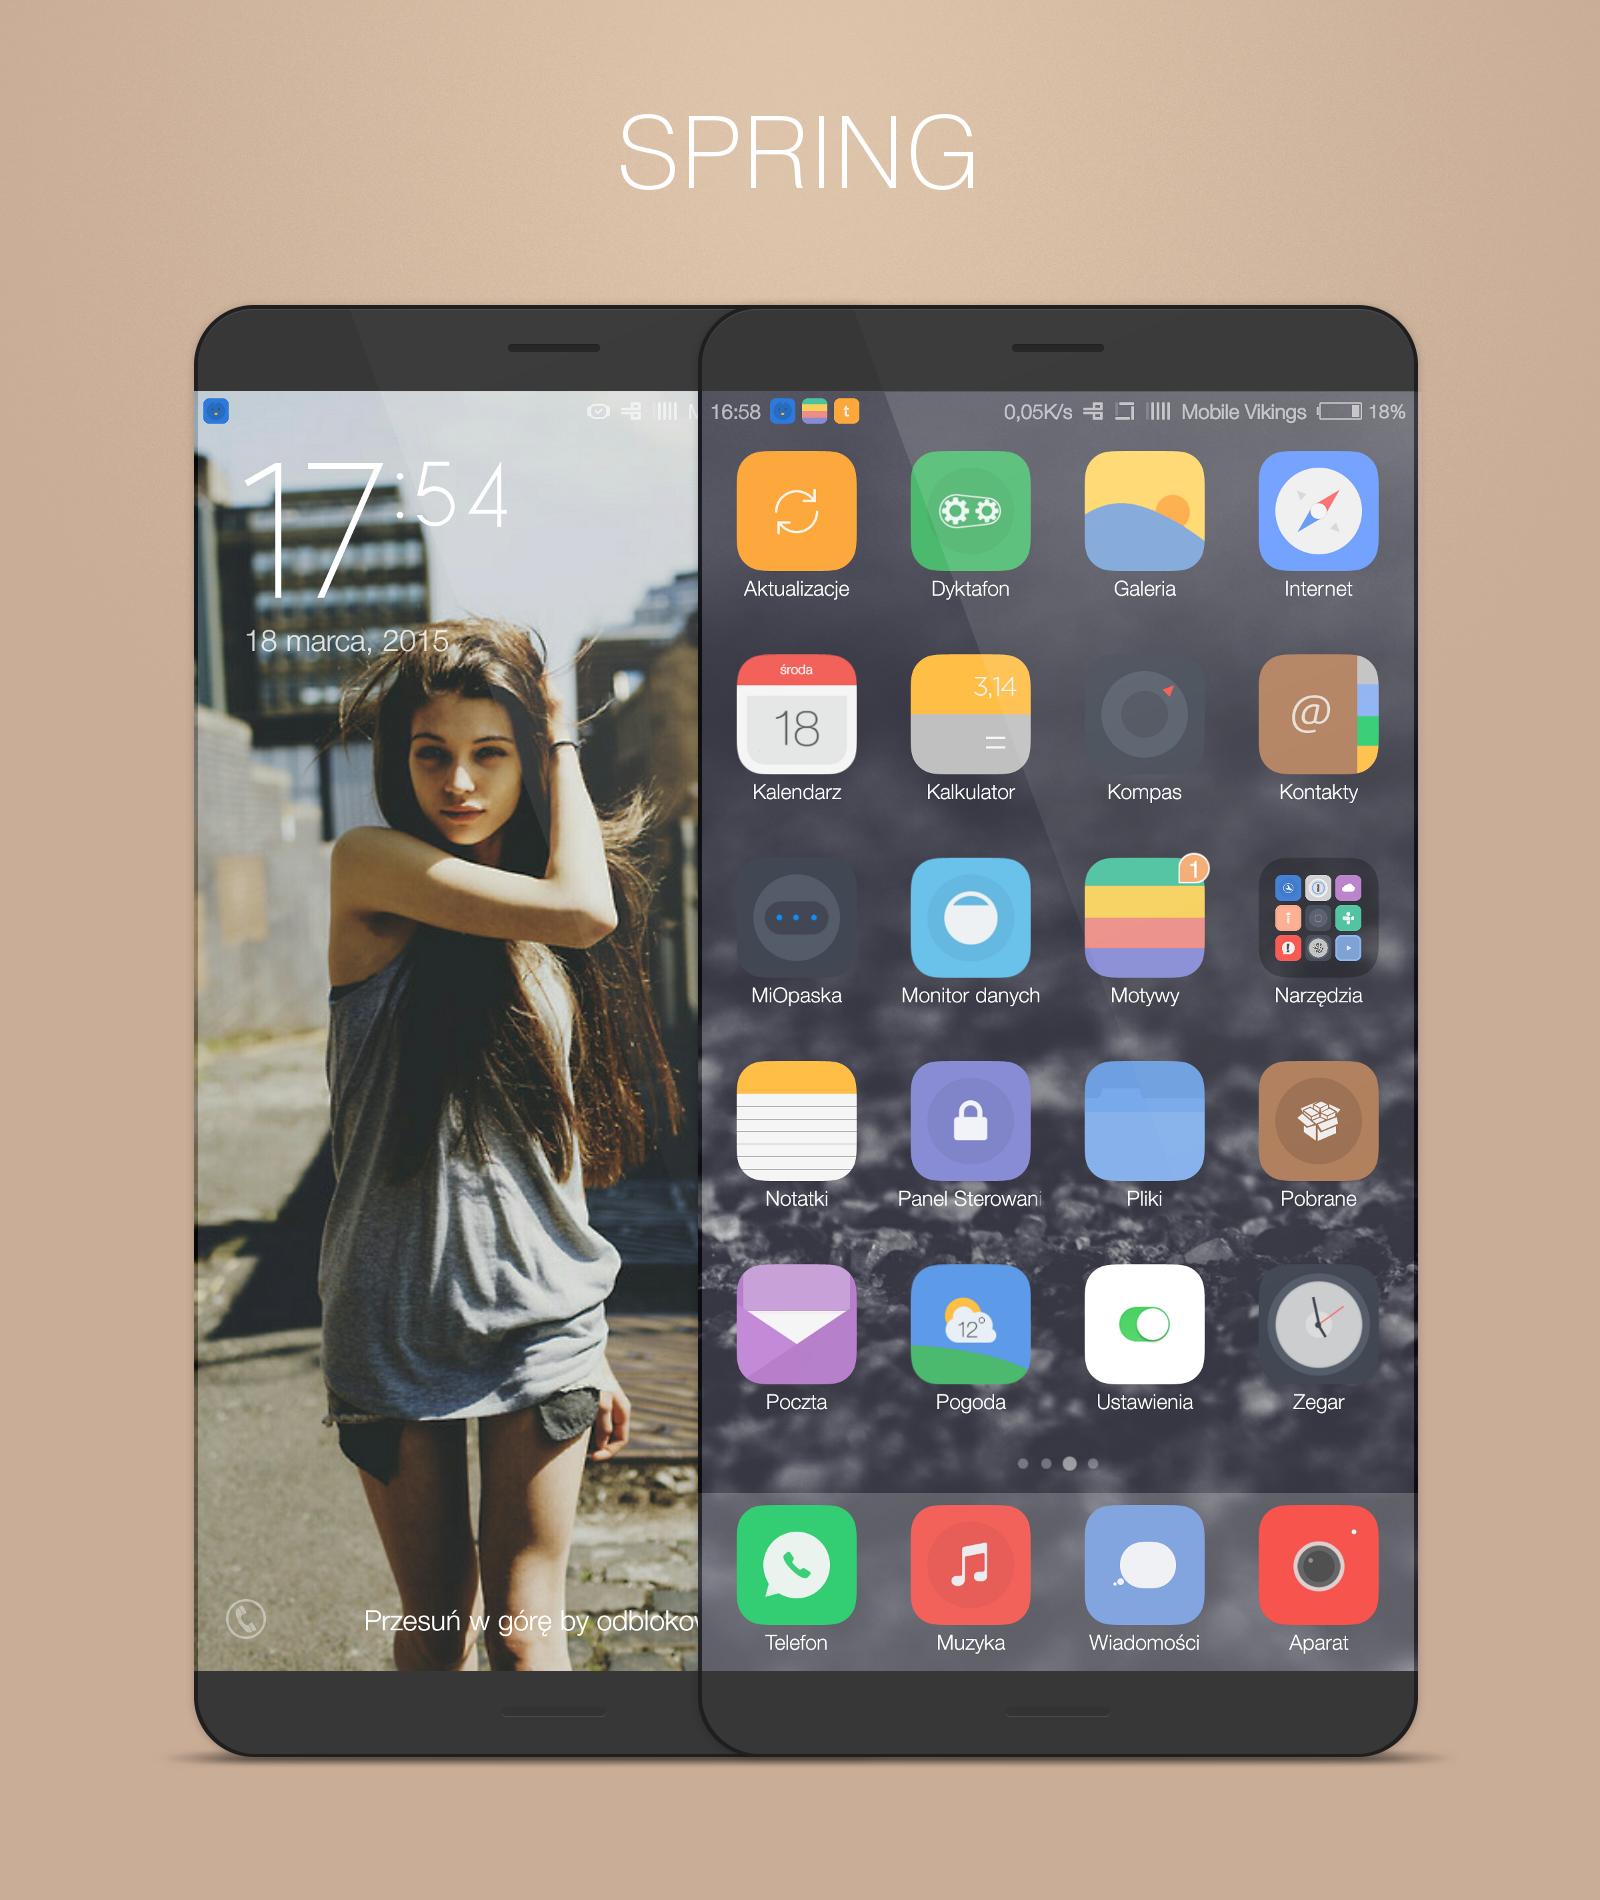 spring_by_zdunex25-d8m722m.png